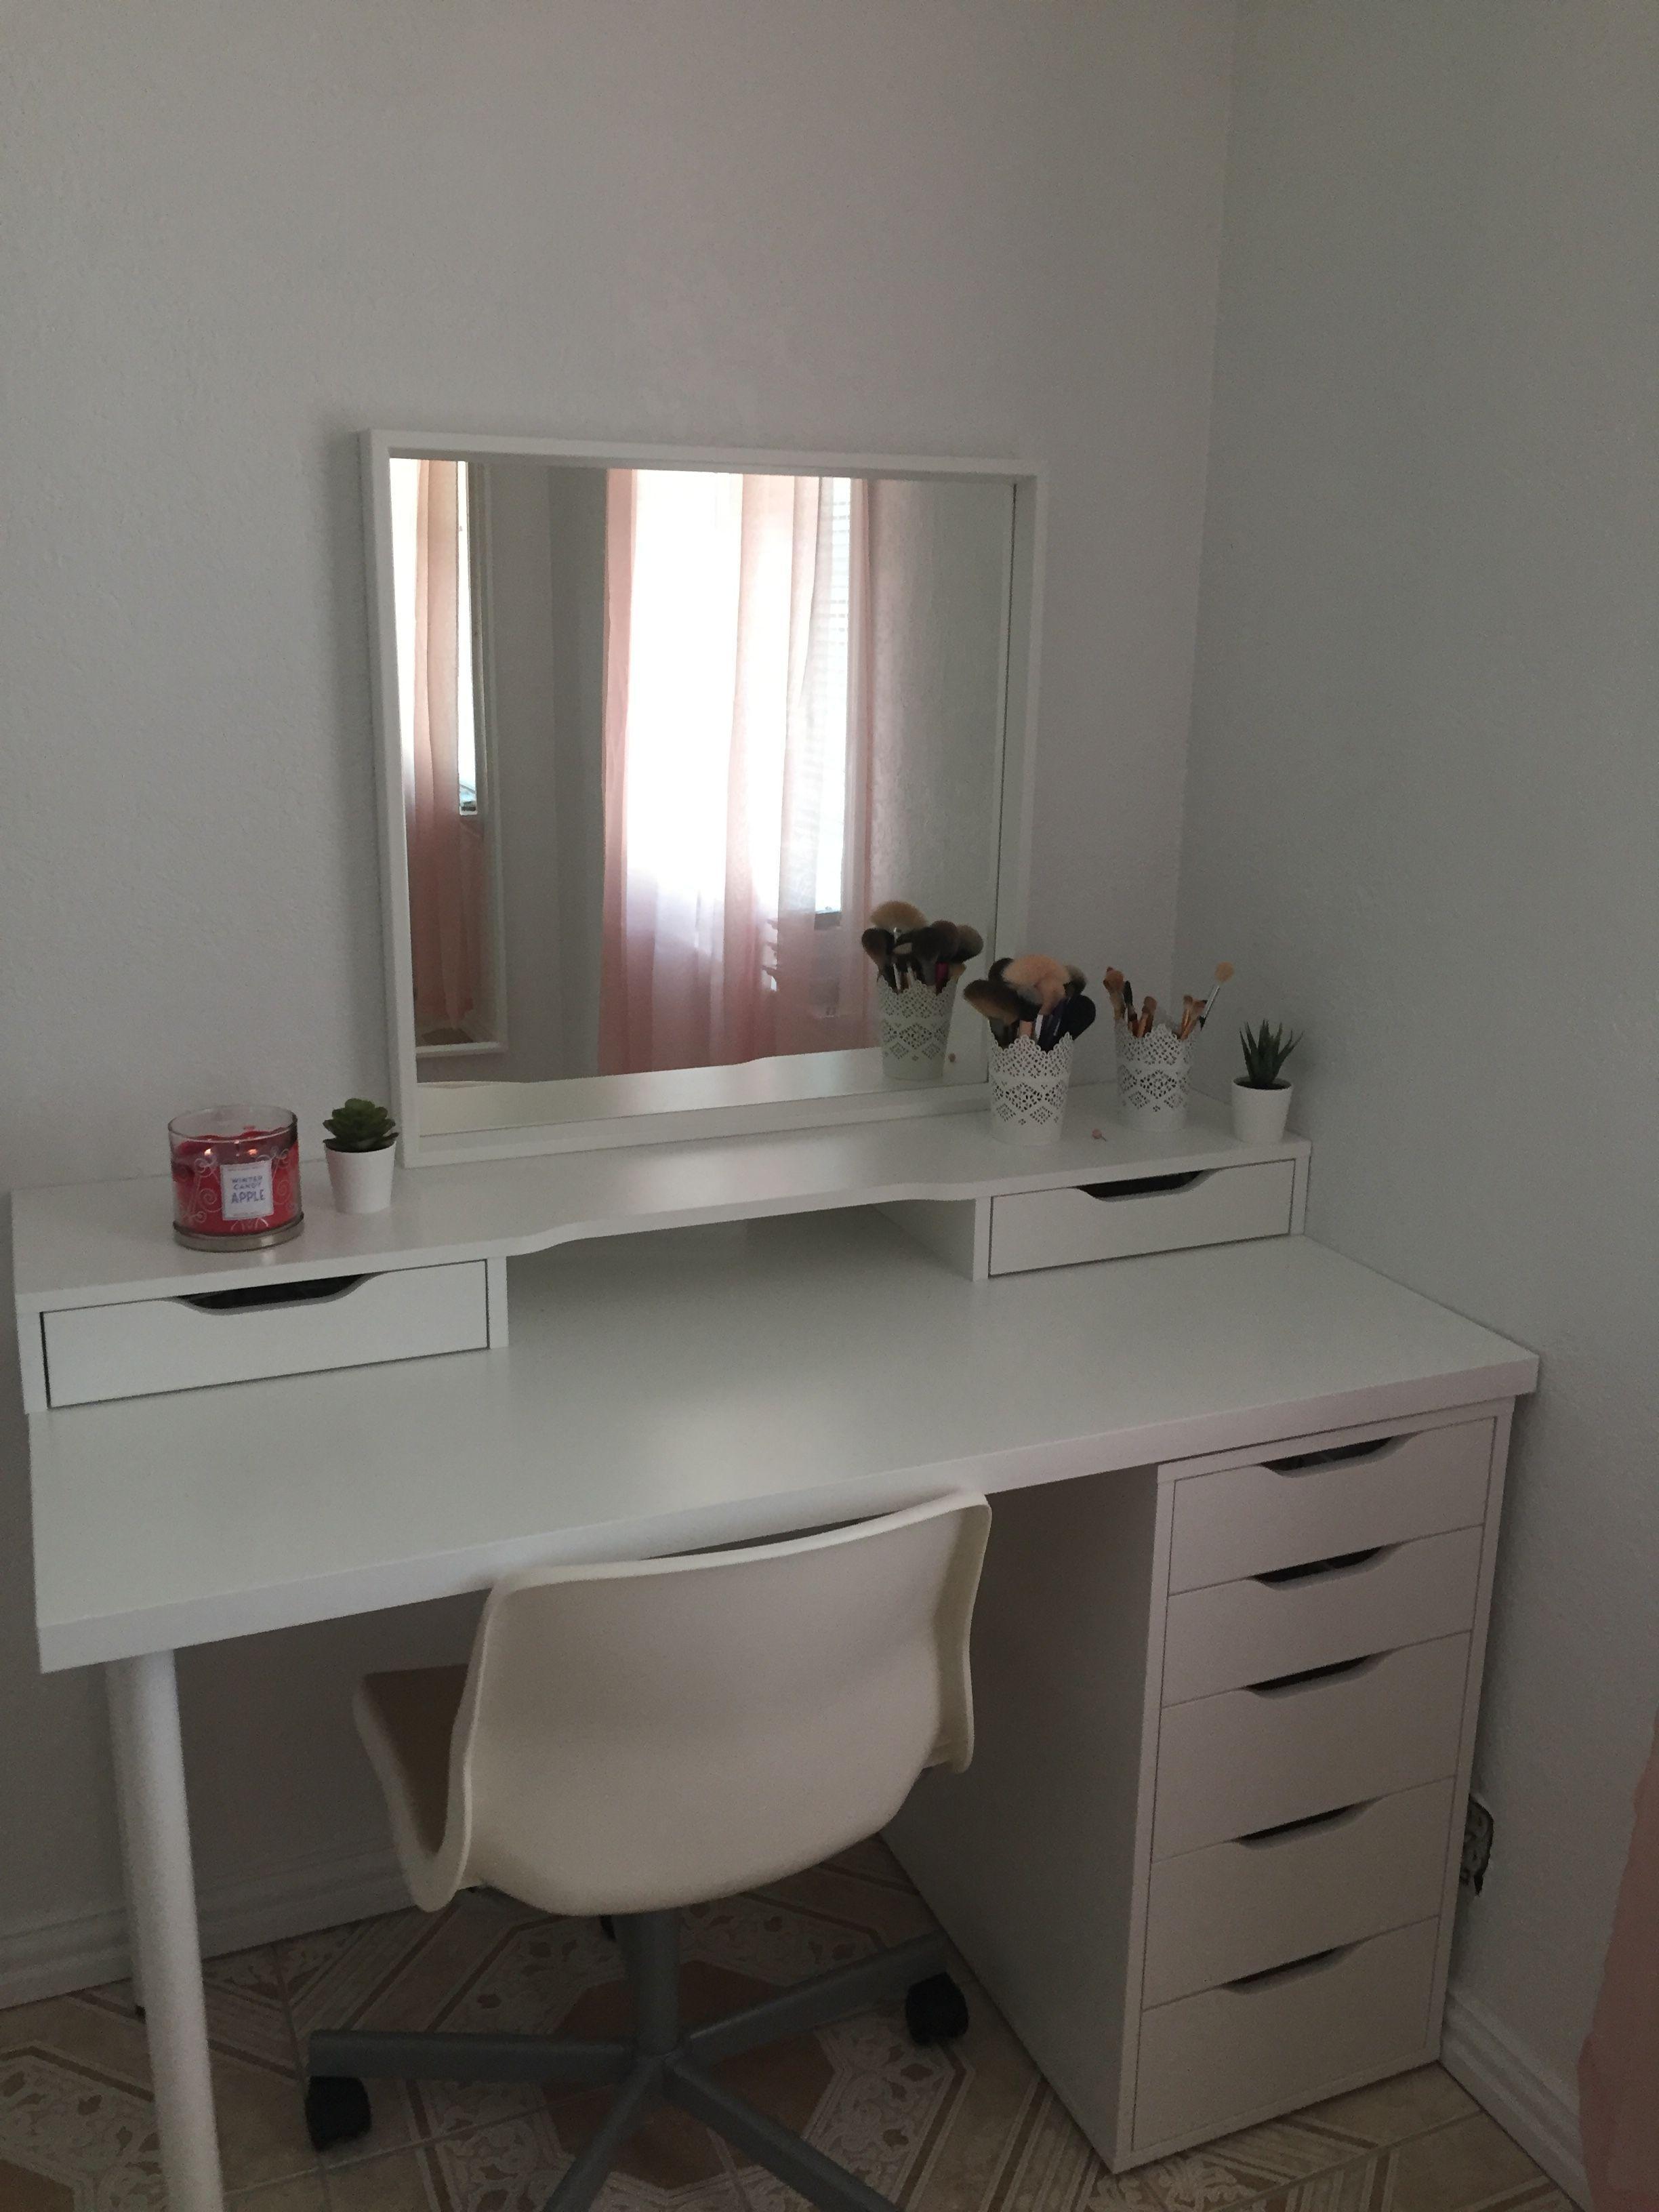 Photo of Lavagna con idee ideali per la stanza del trucco che hai mai visto, con la superficie della …